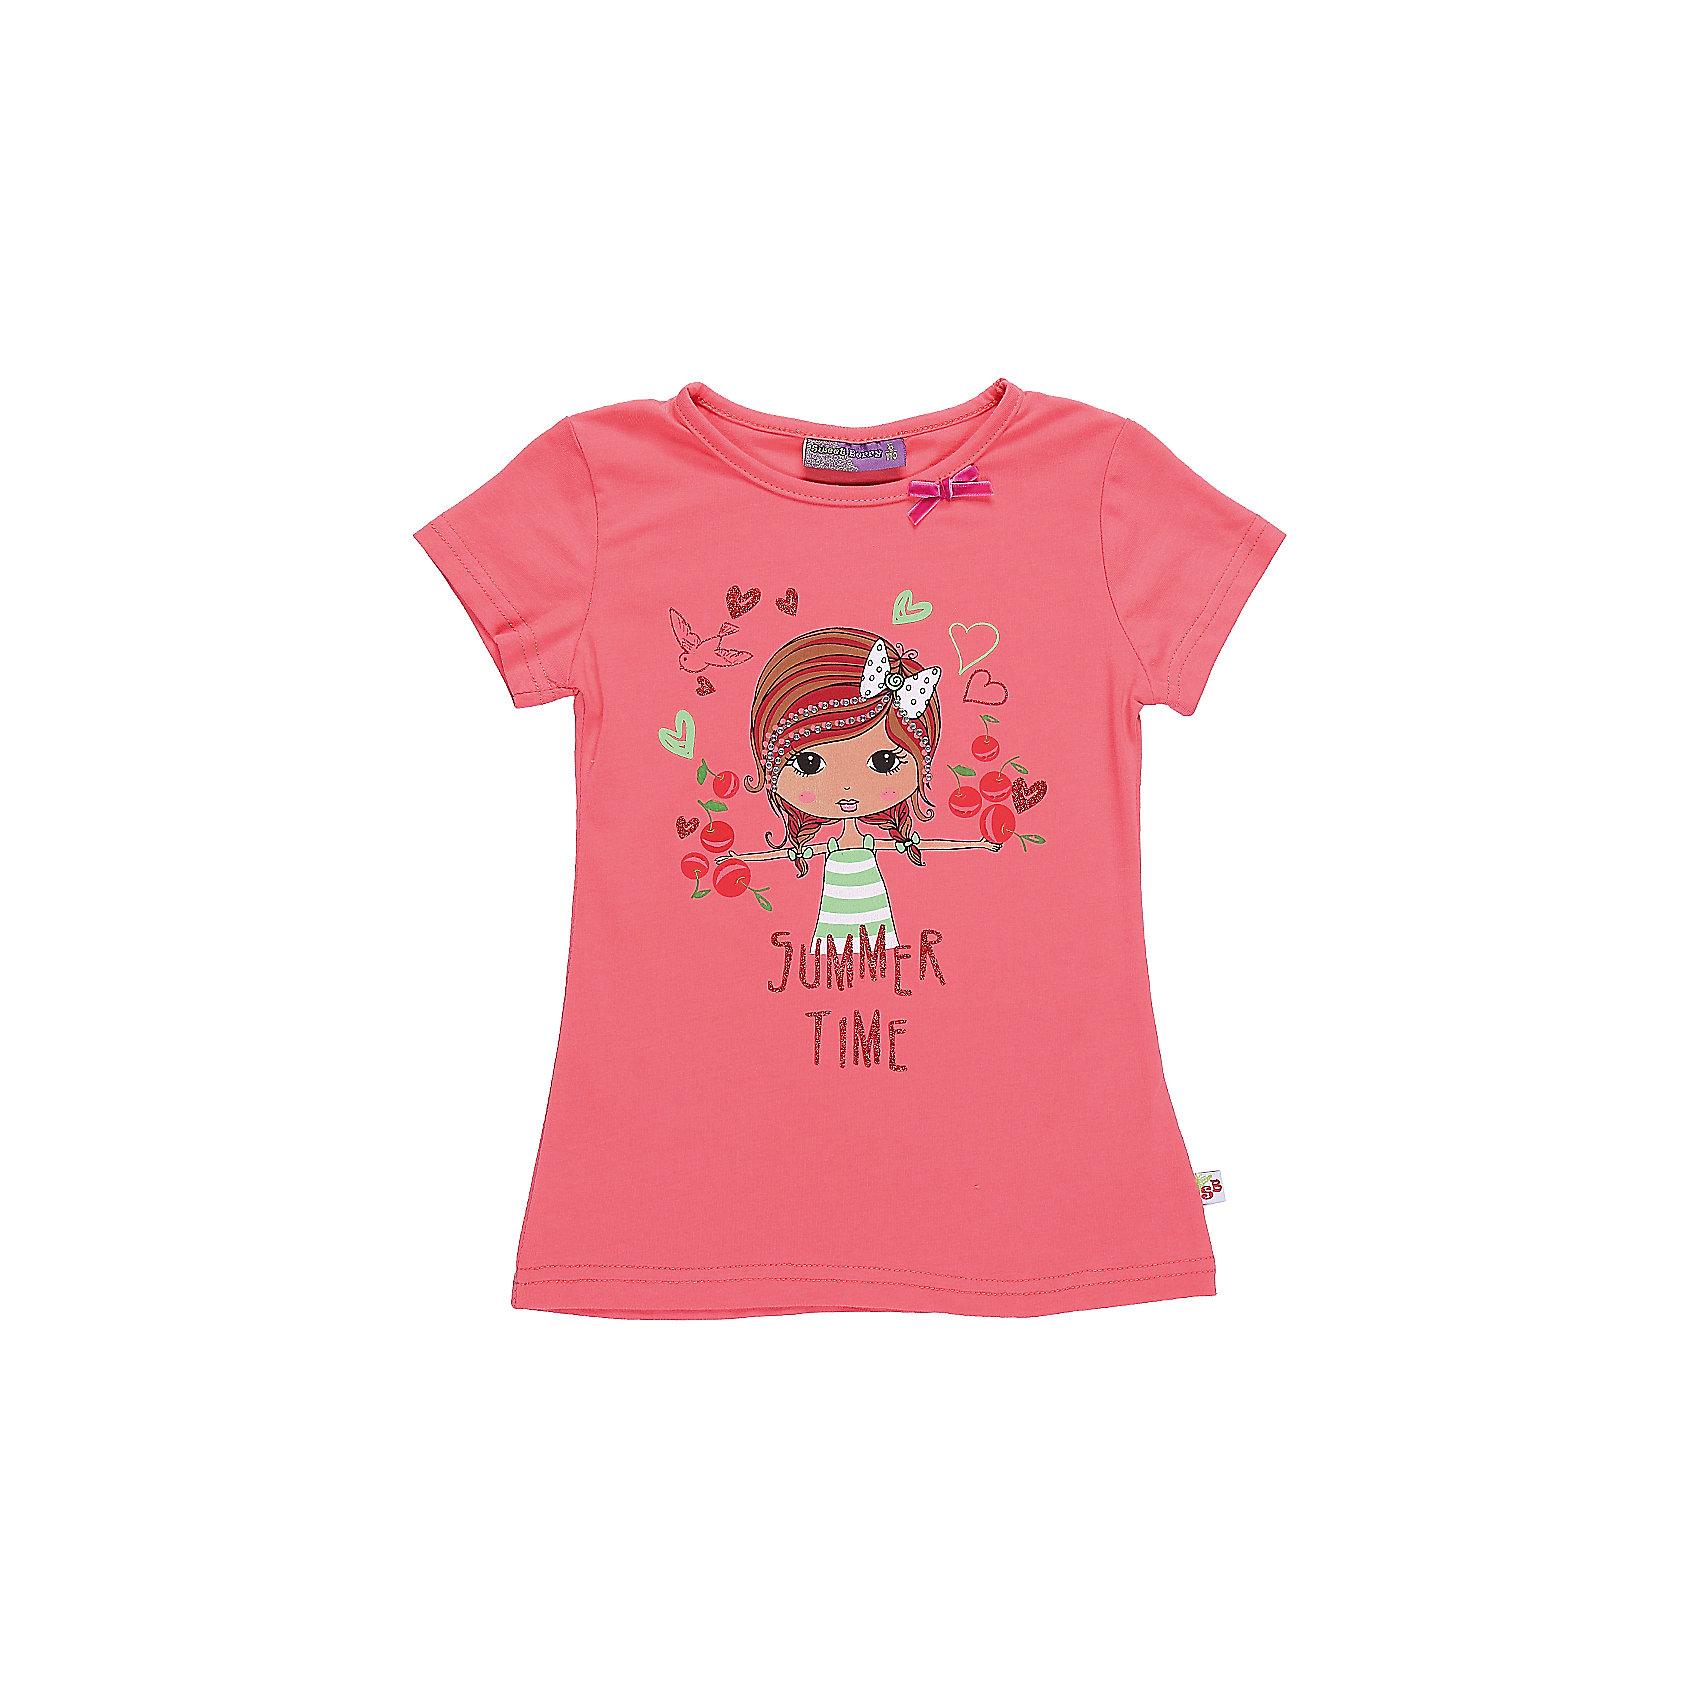 Футболка для девочки Sweet BerryЯркая футболка из трикотажной, мягкой ткани для девочки с коротким рукавом. Декорирована оригинальным принтом.<br>Состав:<br>95%хлопок 5%эластан<br><br>Ширина мм: 199<br>Глубина мм: 10<br>Высота мм: 161<br>Вес г: 151<br>Цвет: розовый<br>Возраст от месяцев: 36<br>Возраст до месяцев: 48<br>Пол: Женский<br>Возраст: Детский<br>Размер: 104,98,110,116,122,128<br>SKU: 5409964